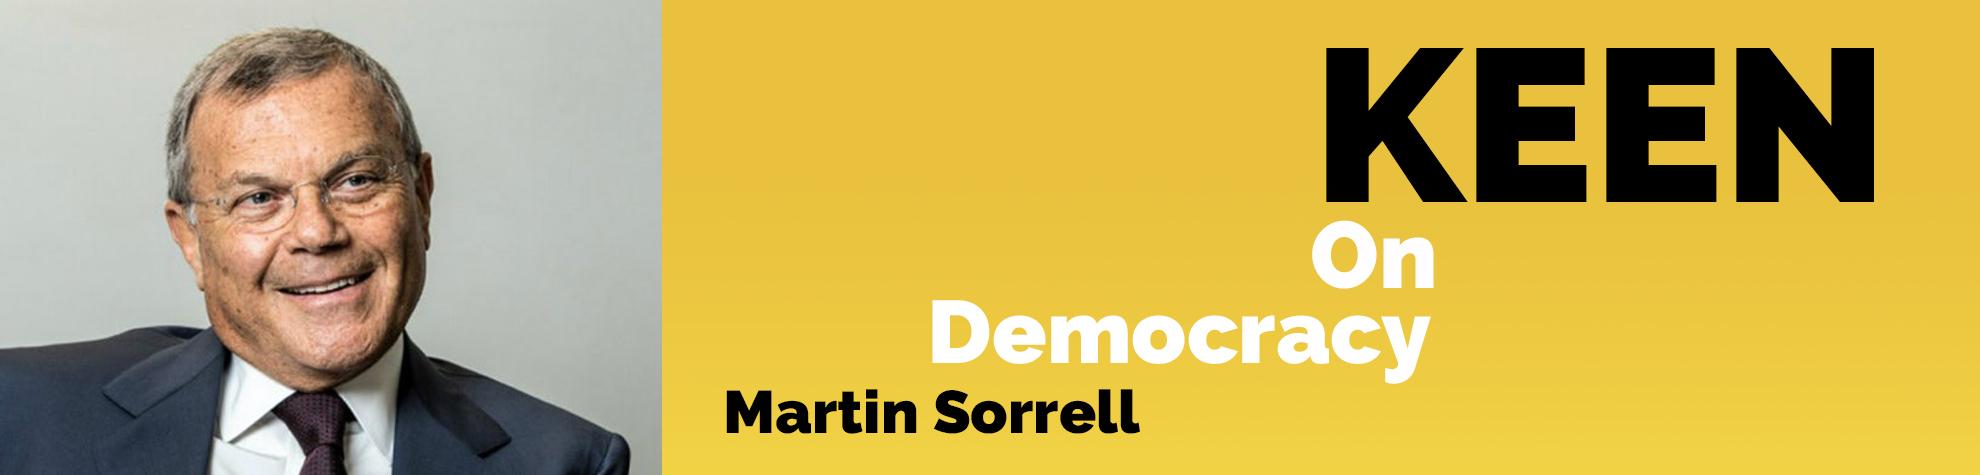 Martin Sorrell.jpg